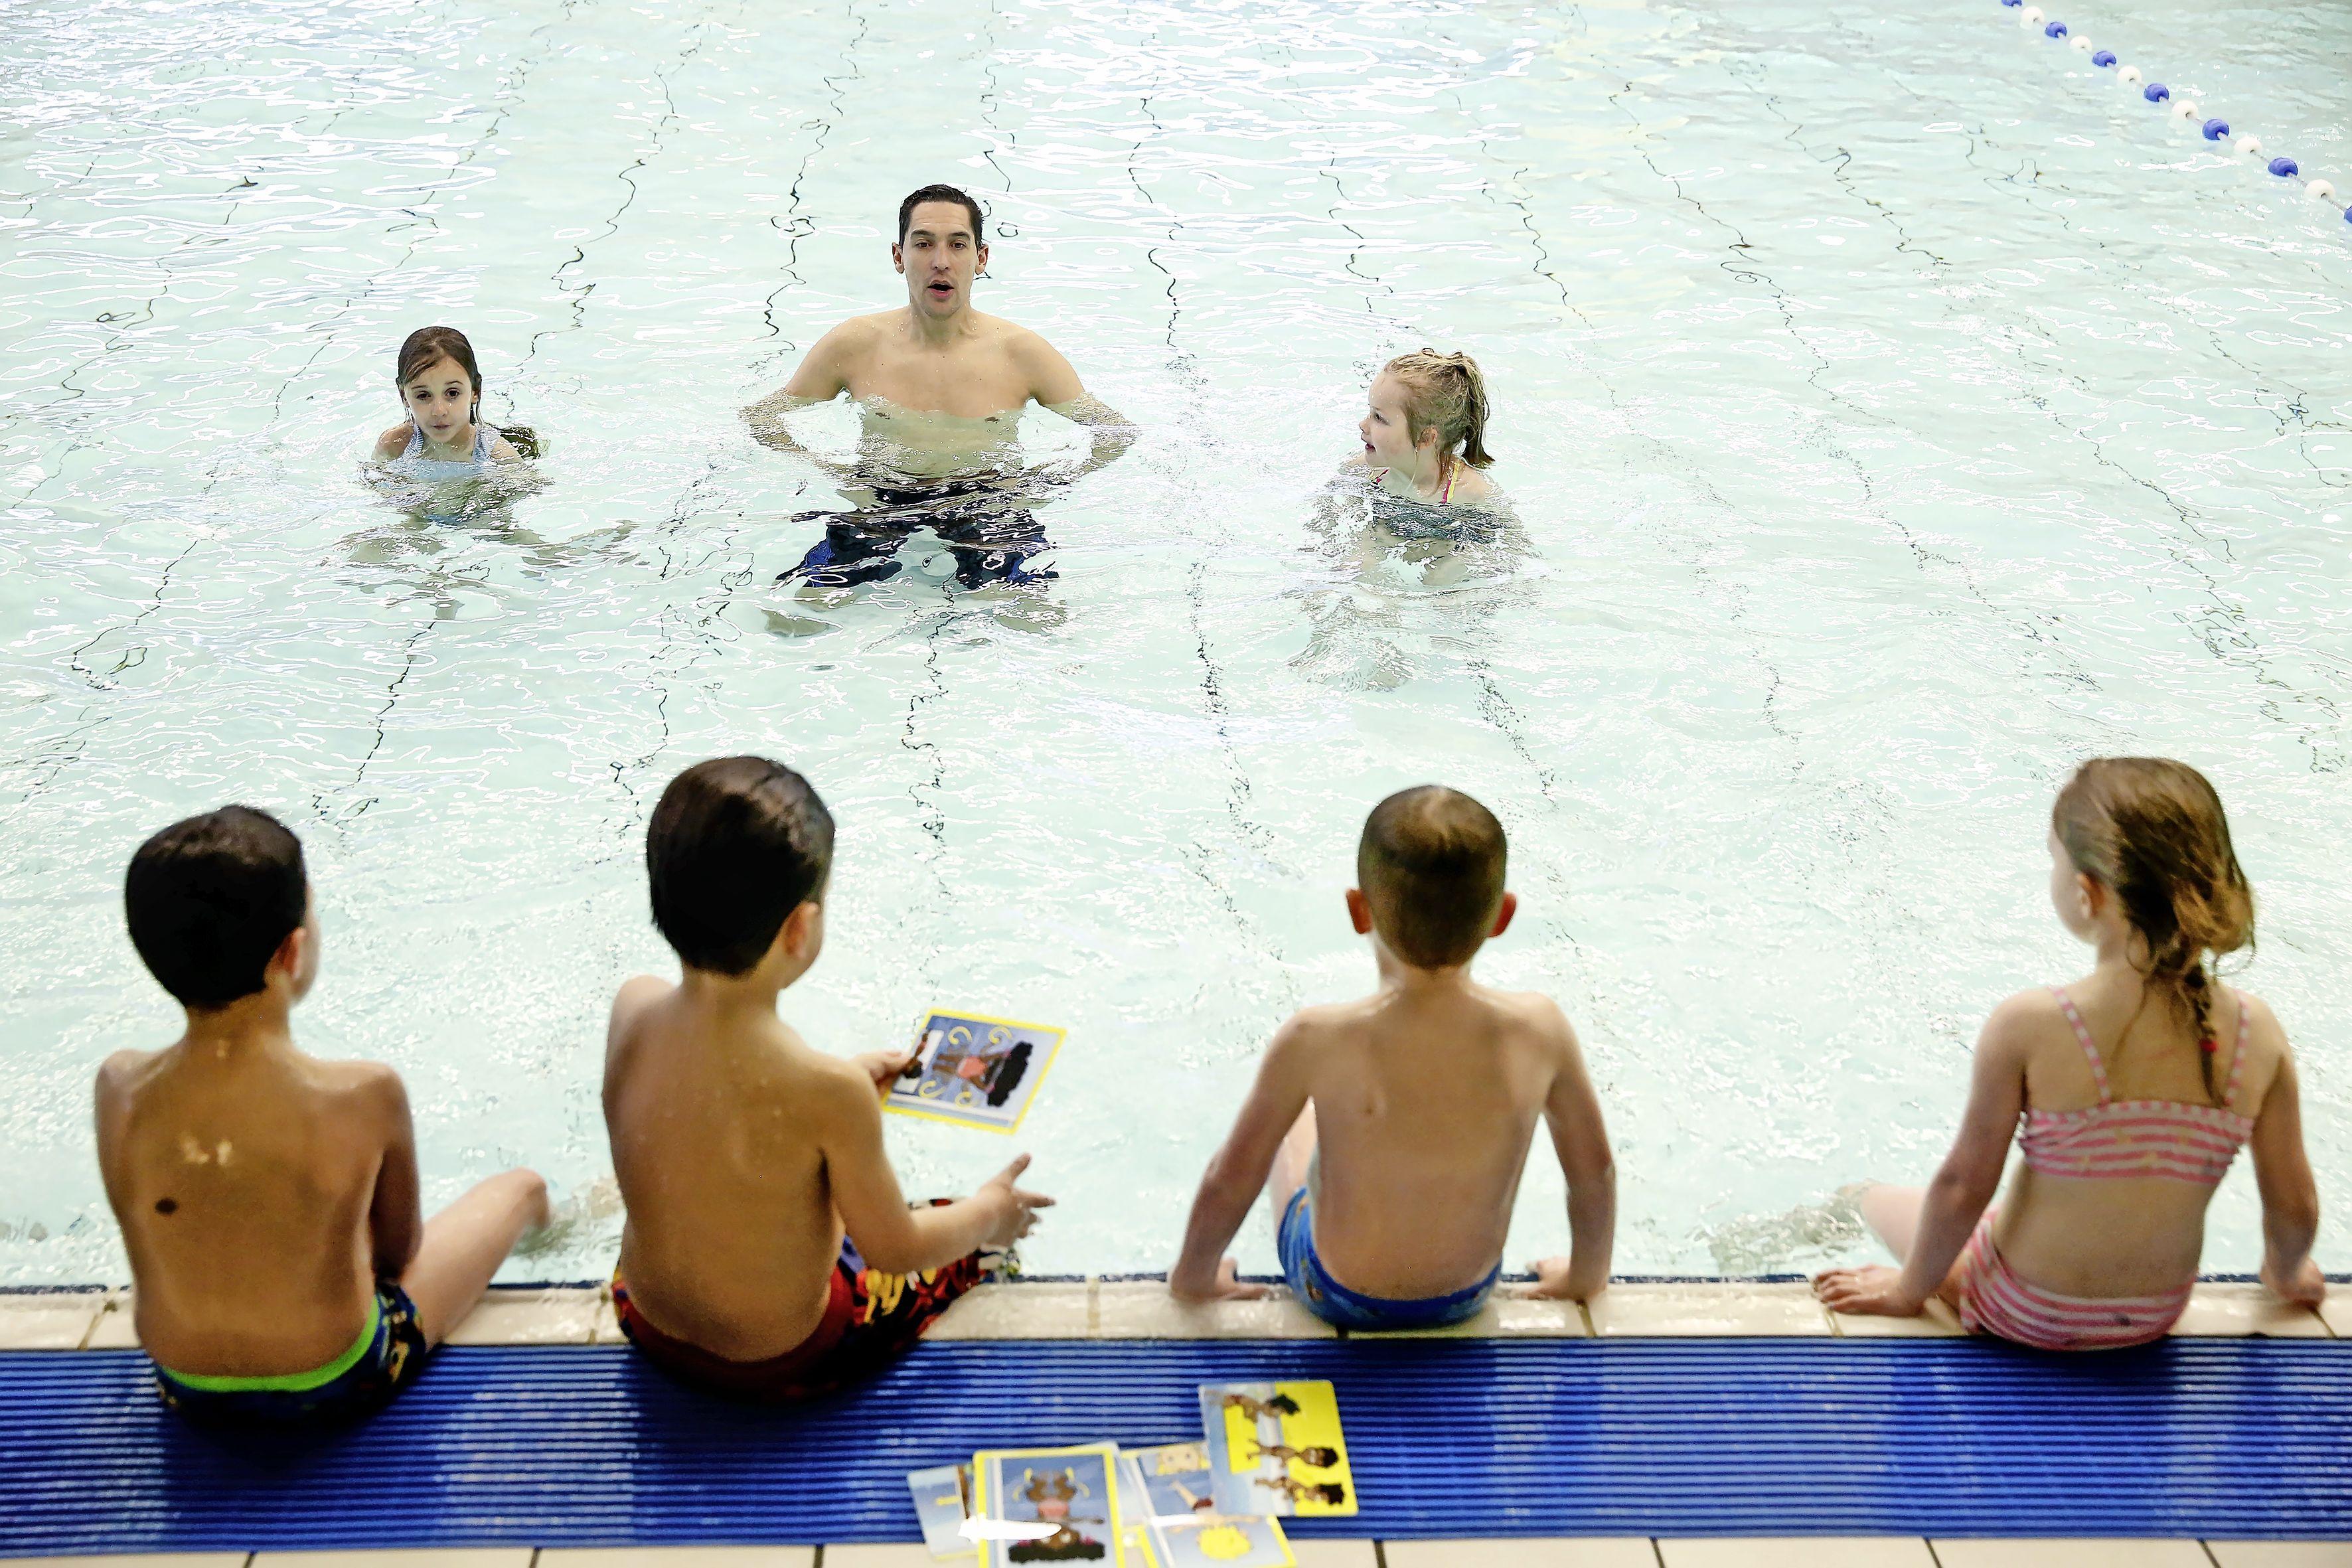 Zwembad De Meent in Huizen uit voorzorg vijf dagen gesloten. Tenminste drie medewerkers positief getest op corona